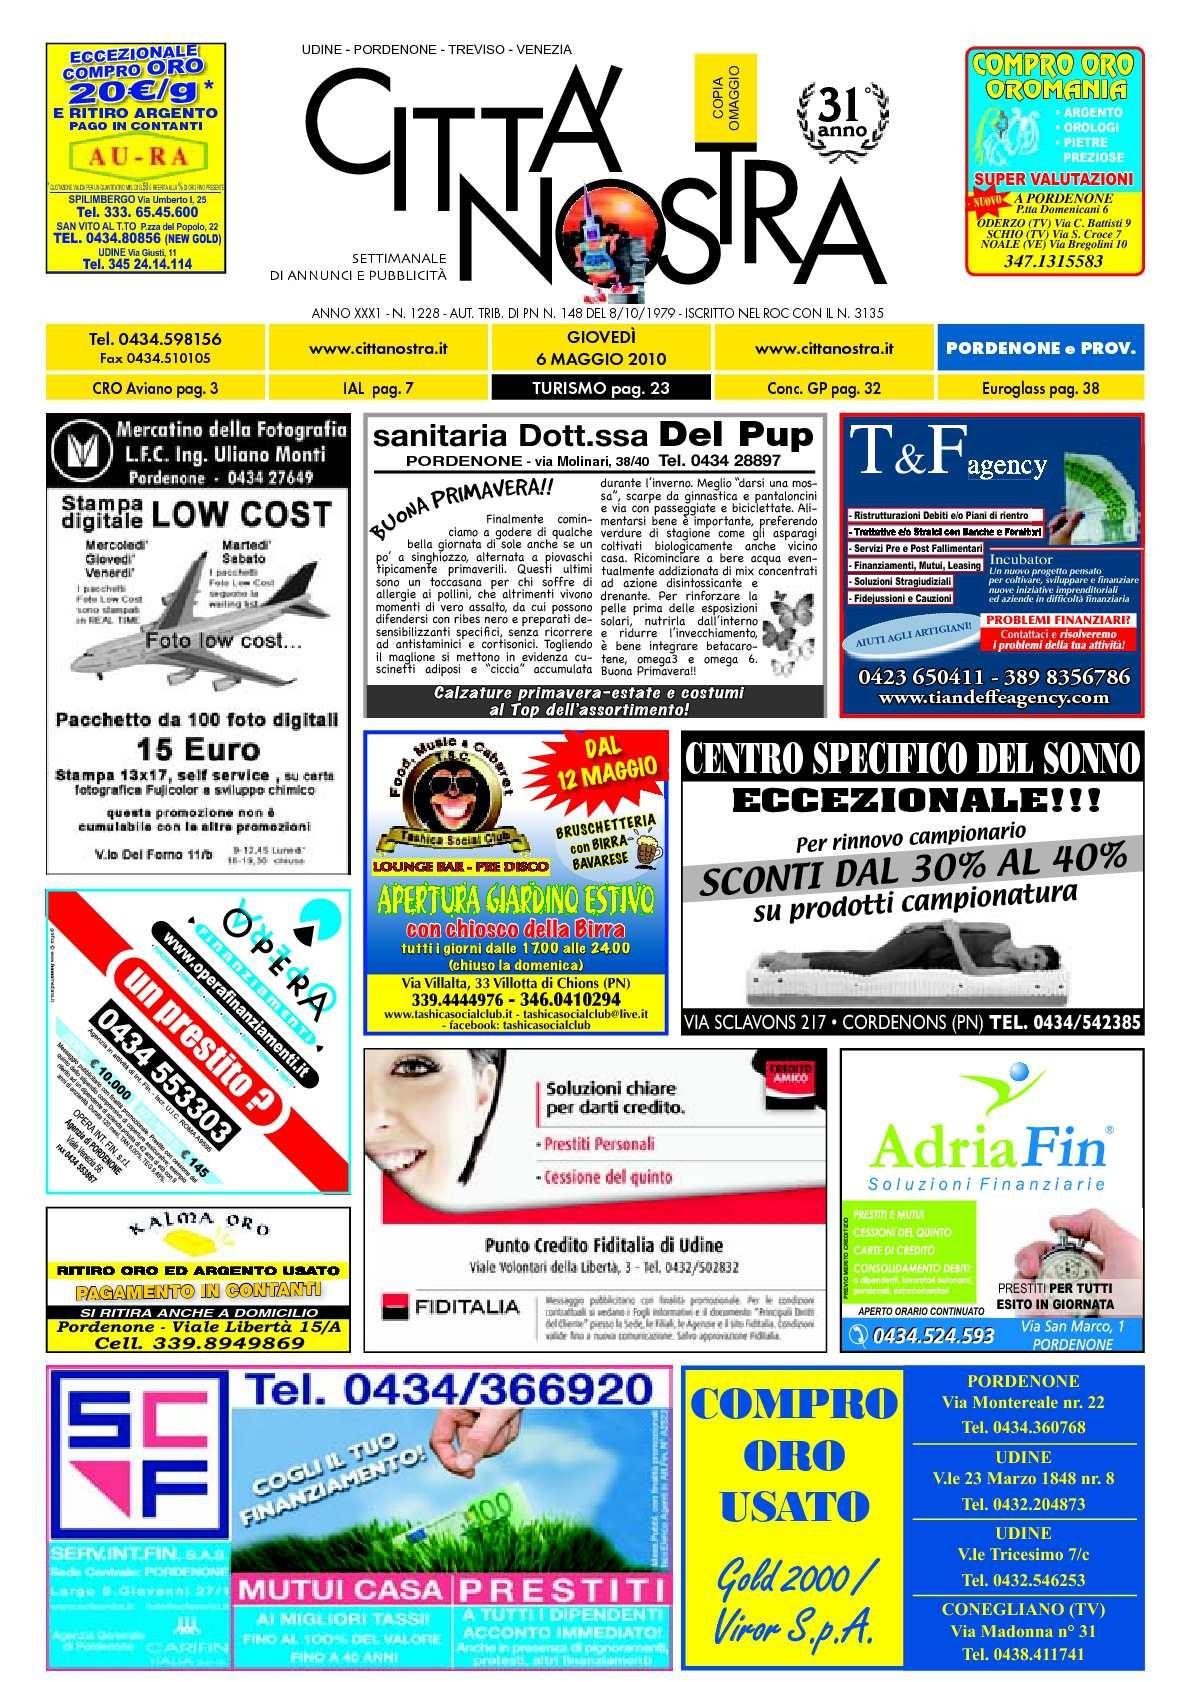 Quadro Calendario Anual Más Populares Calaméo Citt Nostra Pordenone Del 06 05 2010 N 1228 Of Quadro Calendario Anual Actual Calaméo Citt Nostra Pordenone Del 05 05 2011 N 1276